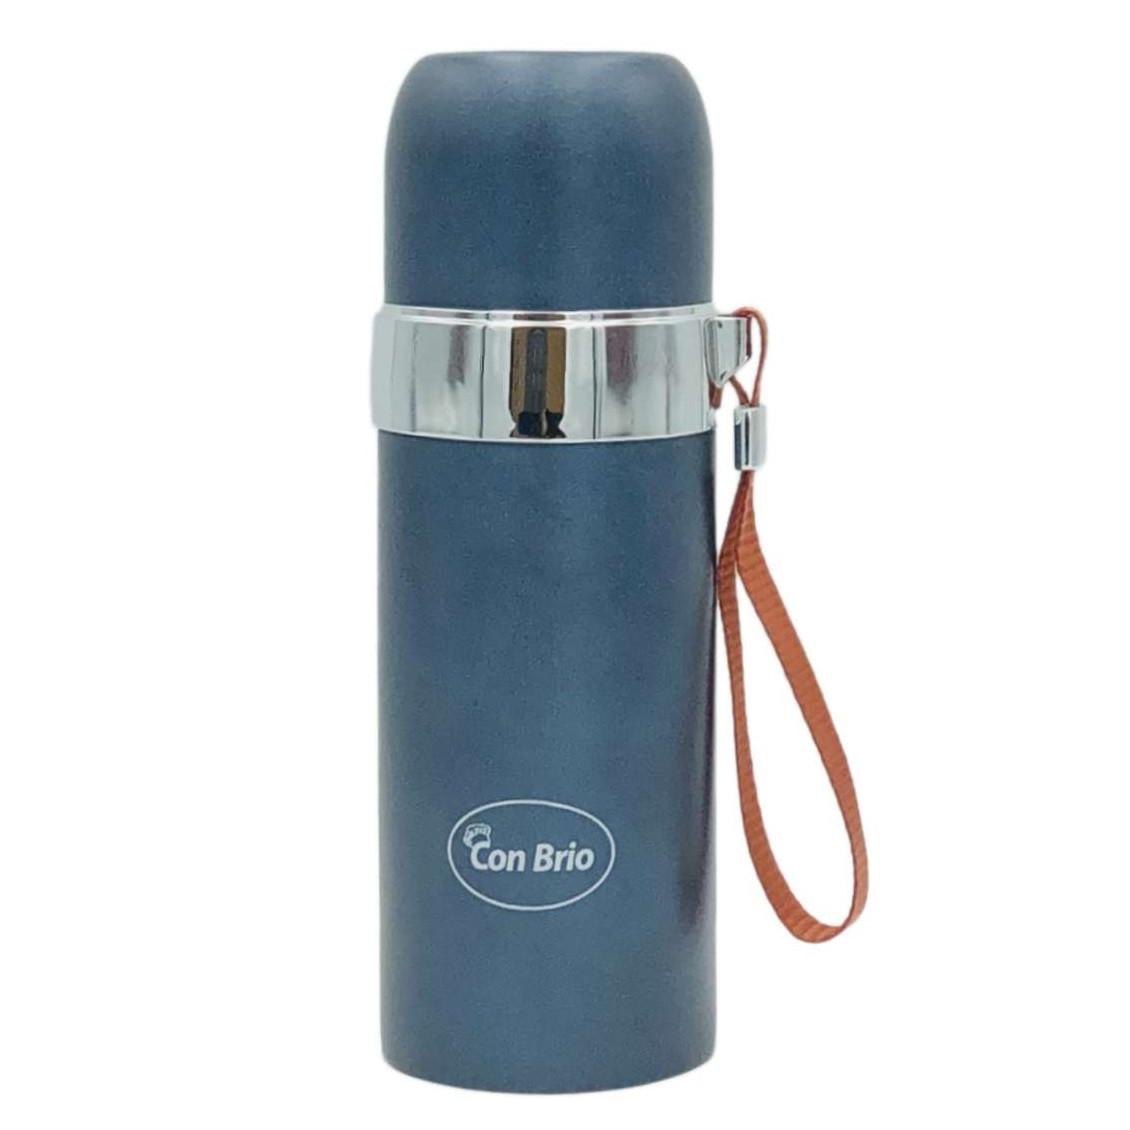 Термос Con Brio объем 350мл  с ремешком, 381сер